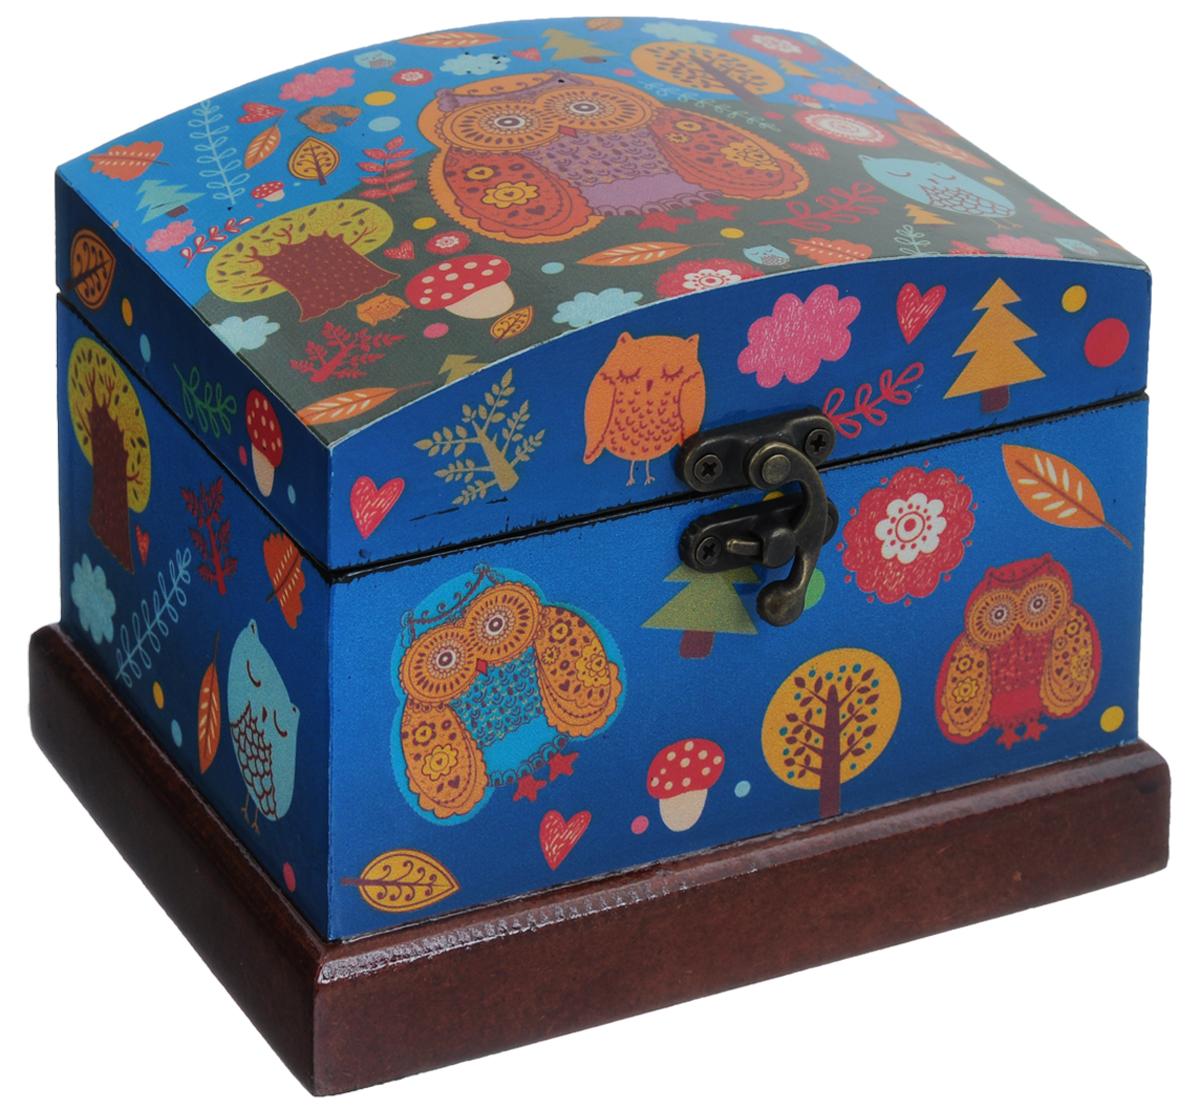 Шкатулка декоративная Феникс-Презент Совы, 16 х 12 х 12 см40152Декоративная шкатулка Феникс-Презент Совы идеально подойдет для хранения бижутерии, принадлежностей для шитья, различных мелочей и безделушек. Изделие выполнено из МДФ, декорировано оригинальным рисунком. Закрывается на металлический курковый замок. Такая шкатулка станет отличным подарком человеку, ценящему необычные и стильные аксессуары.